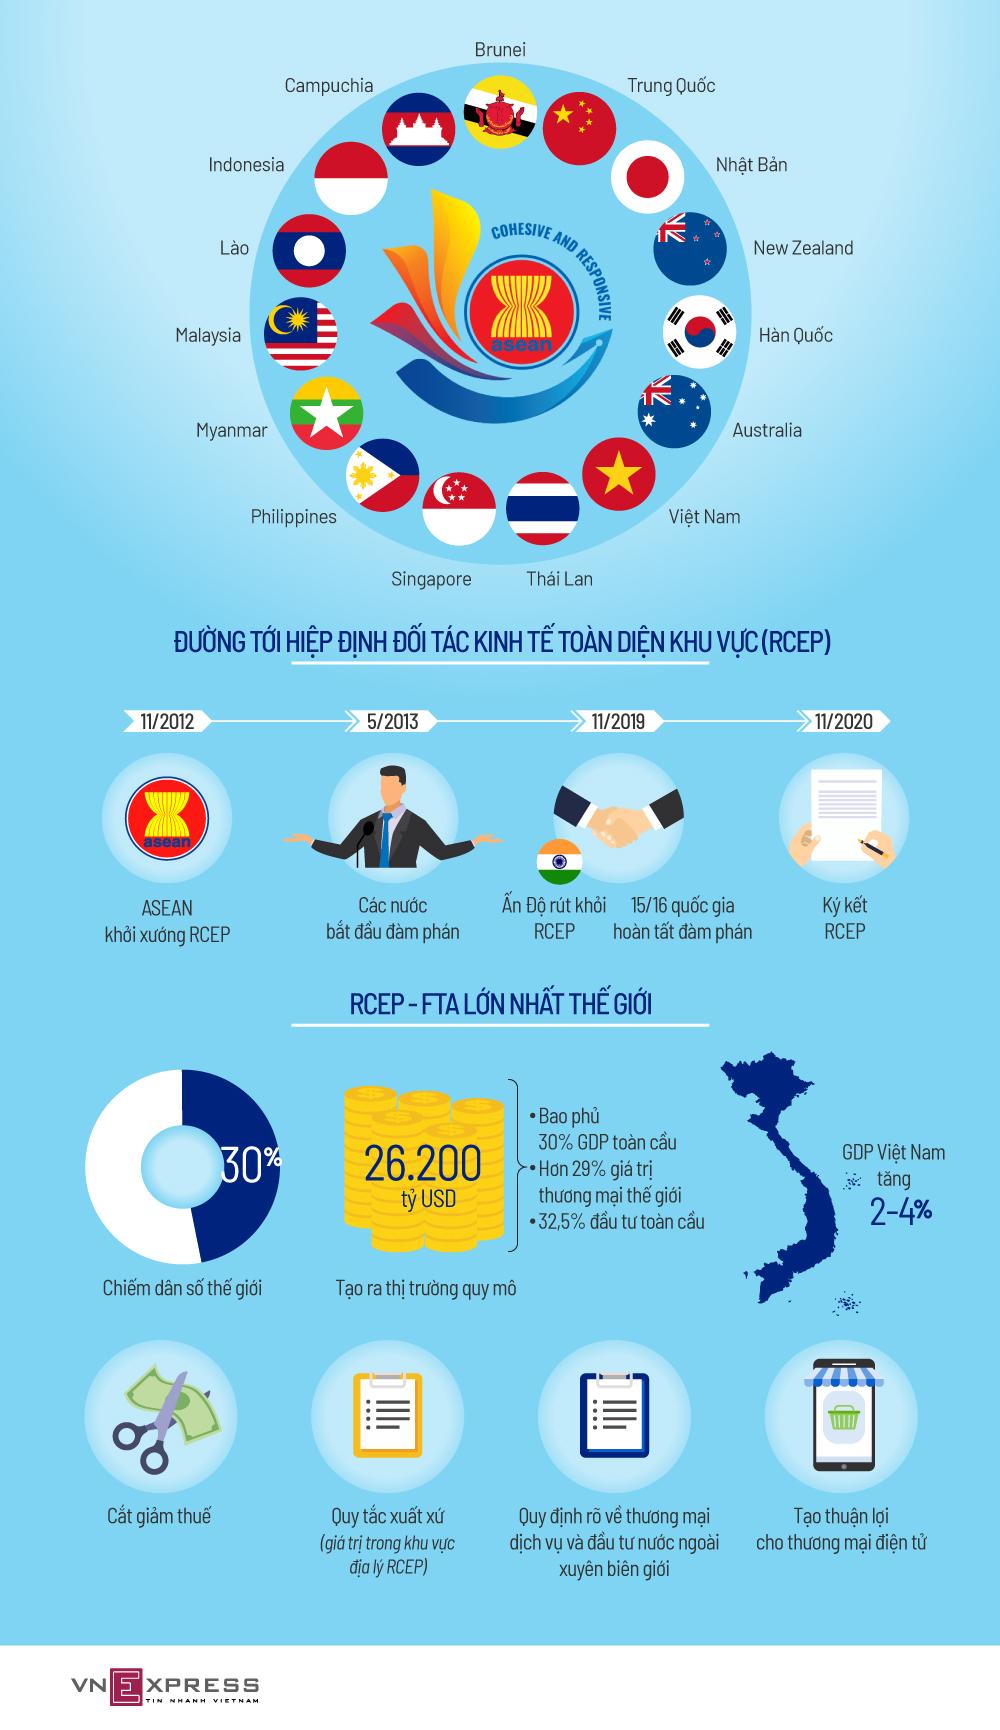 RCEP - Hiệp định thương mại tự do lớn nhất thế giới